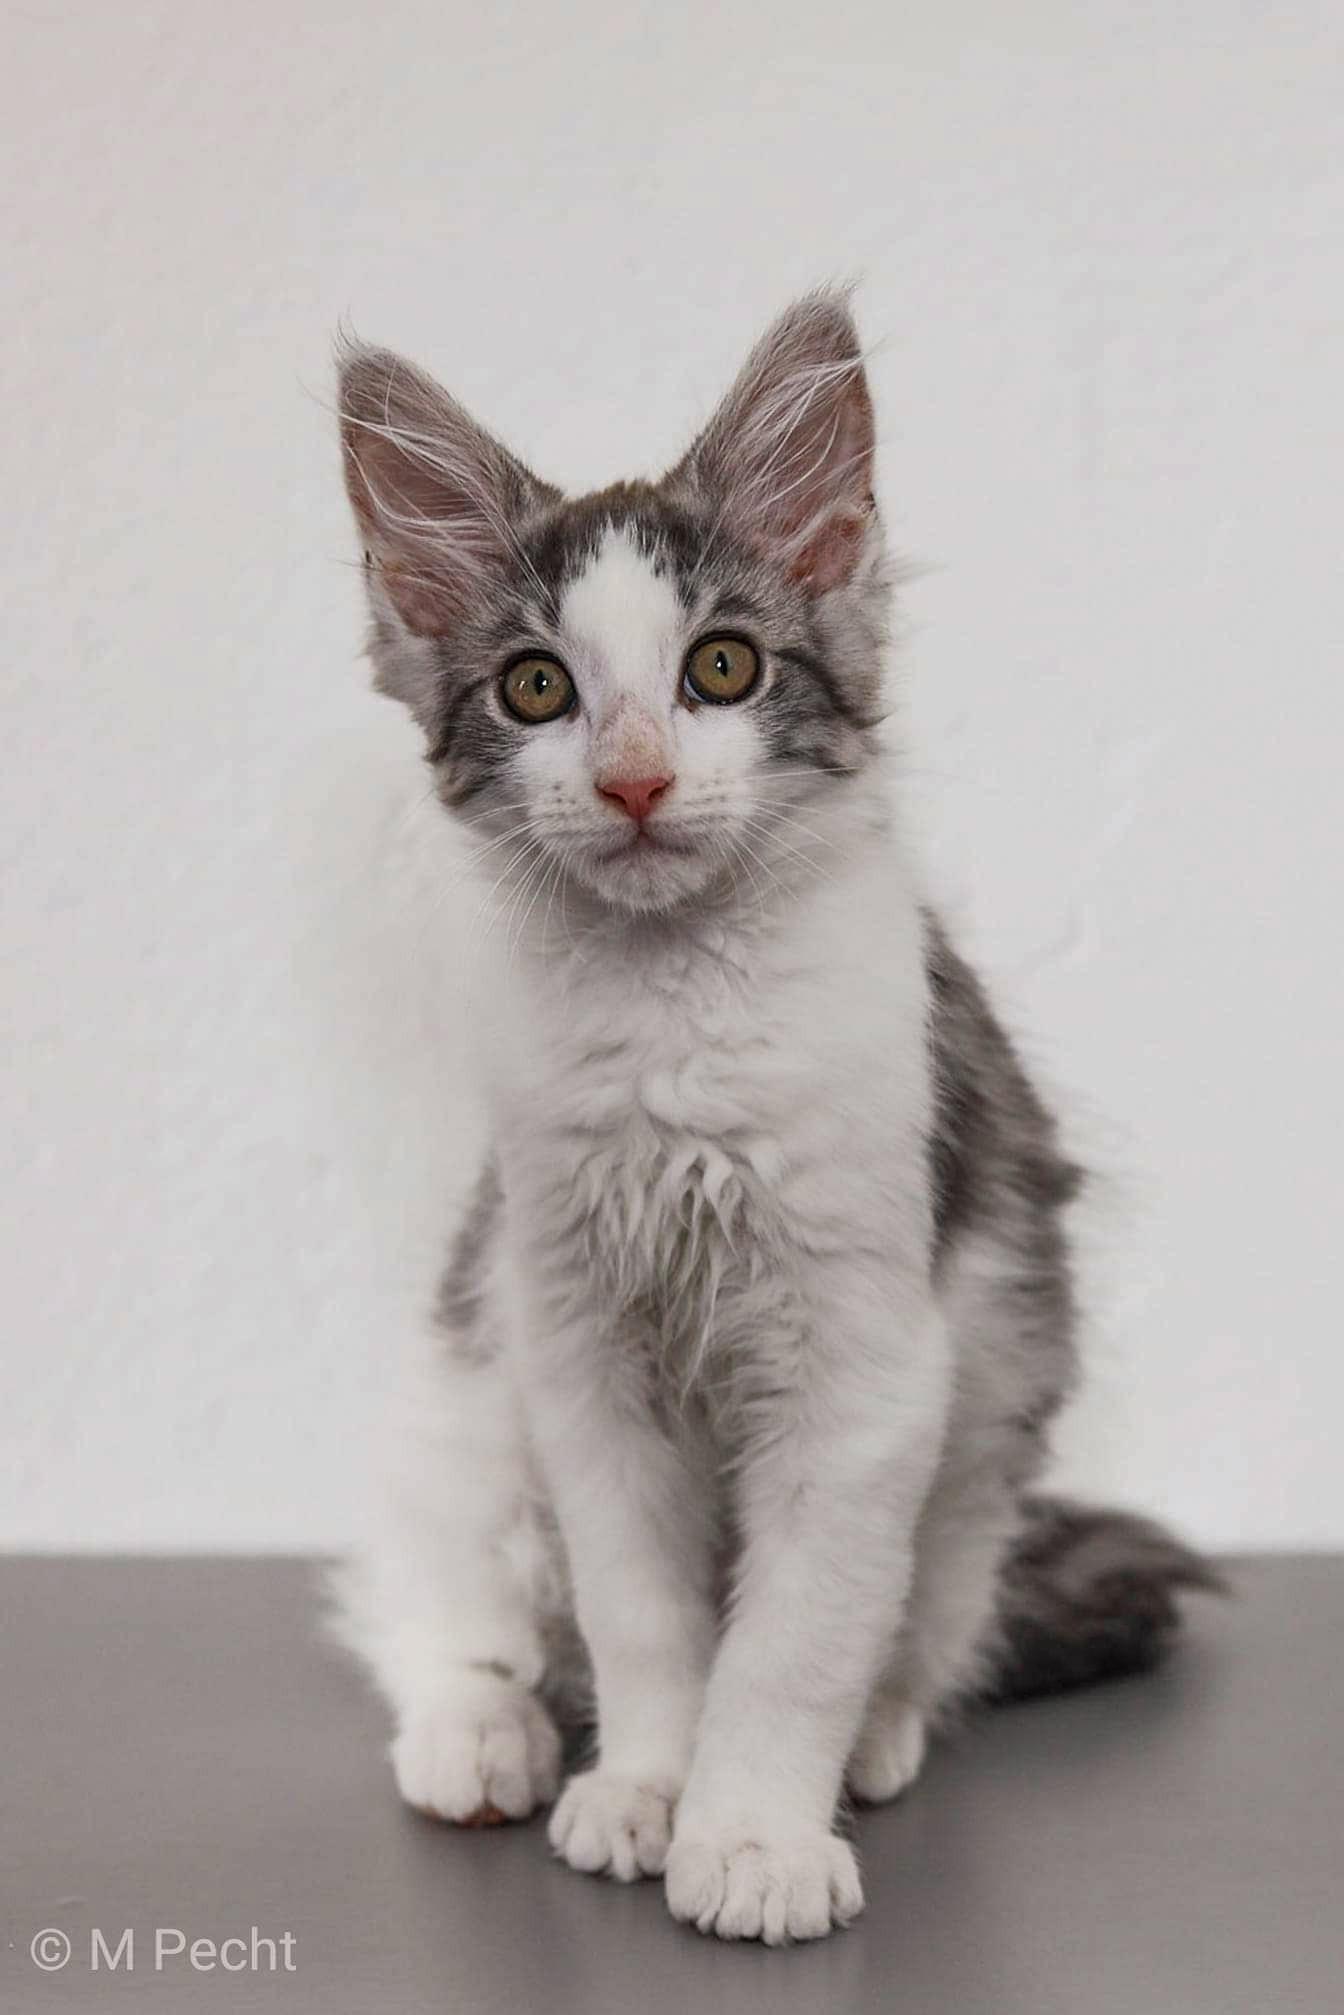 Maine coon Dex - Mooie man Dex een maine coon kitten.  - foto door schaiky op 10-04-2021 - locatie: 2133 KX Hoofddorp, Nederland - deze foto bevat: maine coon, grijs, wit, kitten, kater, kat, felidae, carnivoor, kleine tot middelgrote katten, grijs, bakkebaarden, snuit, staart, poot, venster